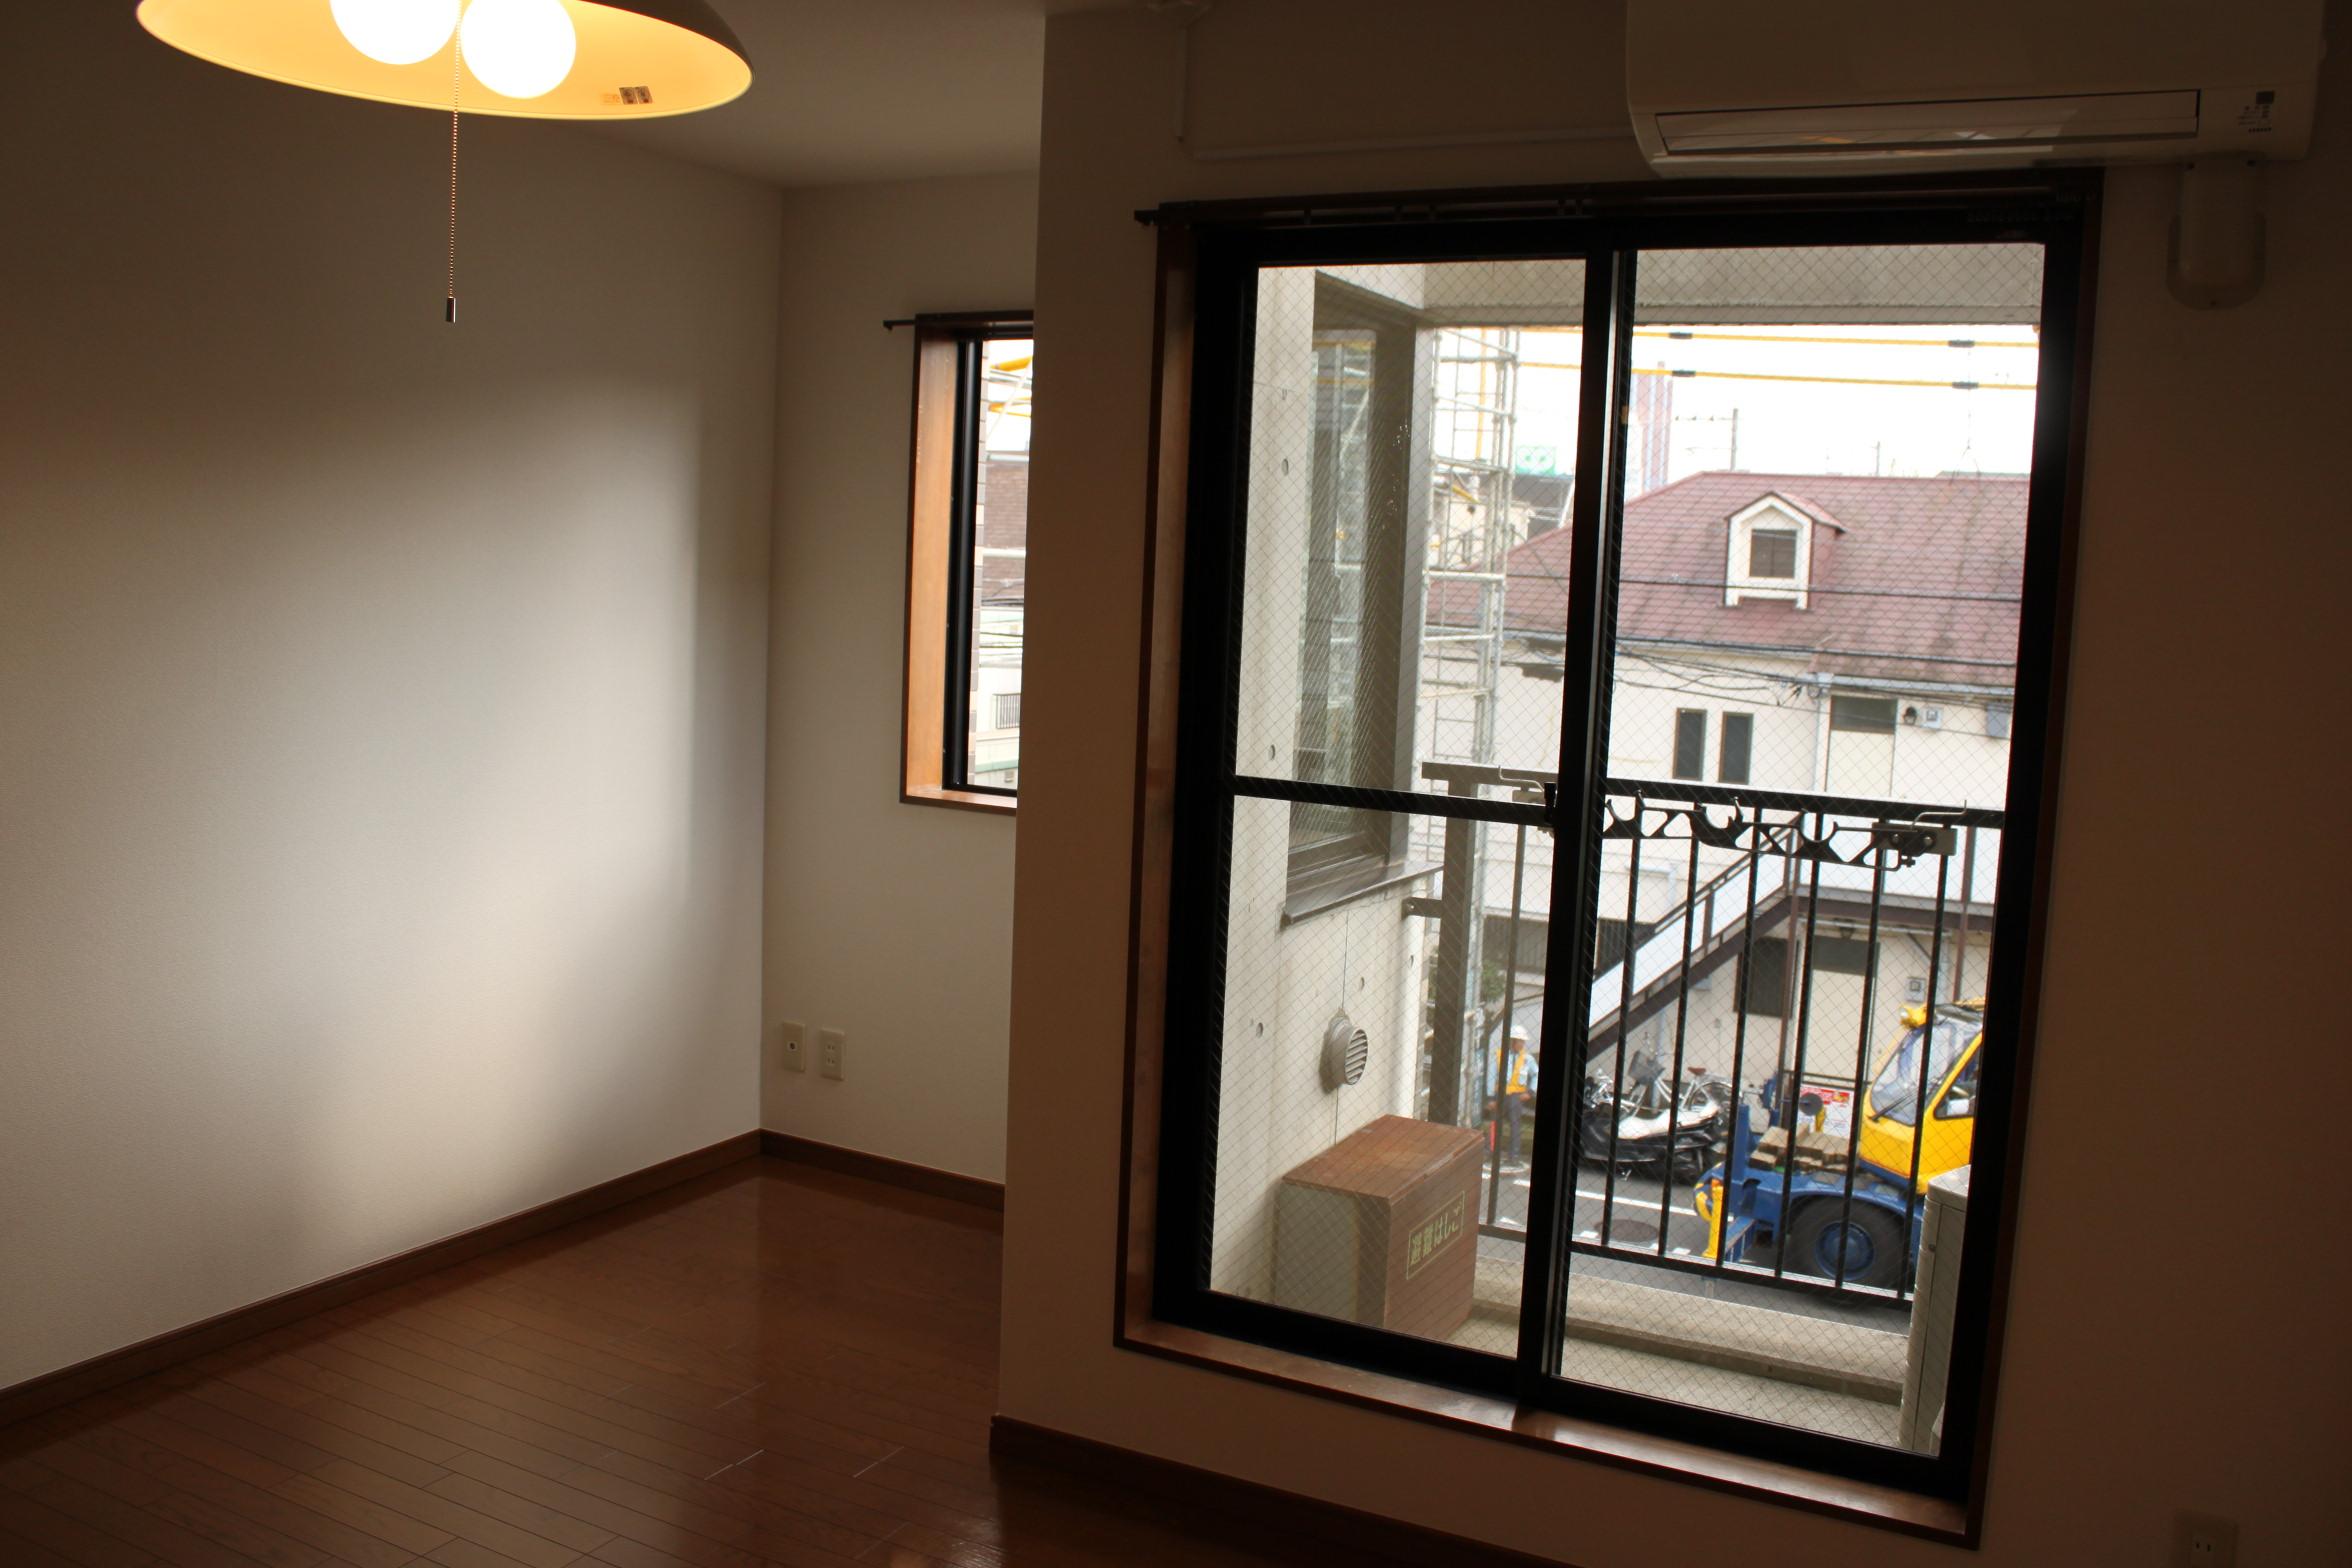 一人暮らしにおすすめ「クオーレ代沢」303号室に空室出ました